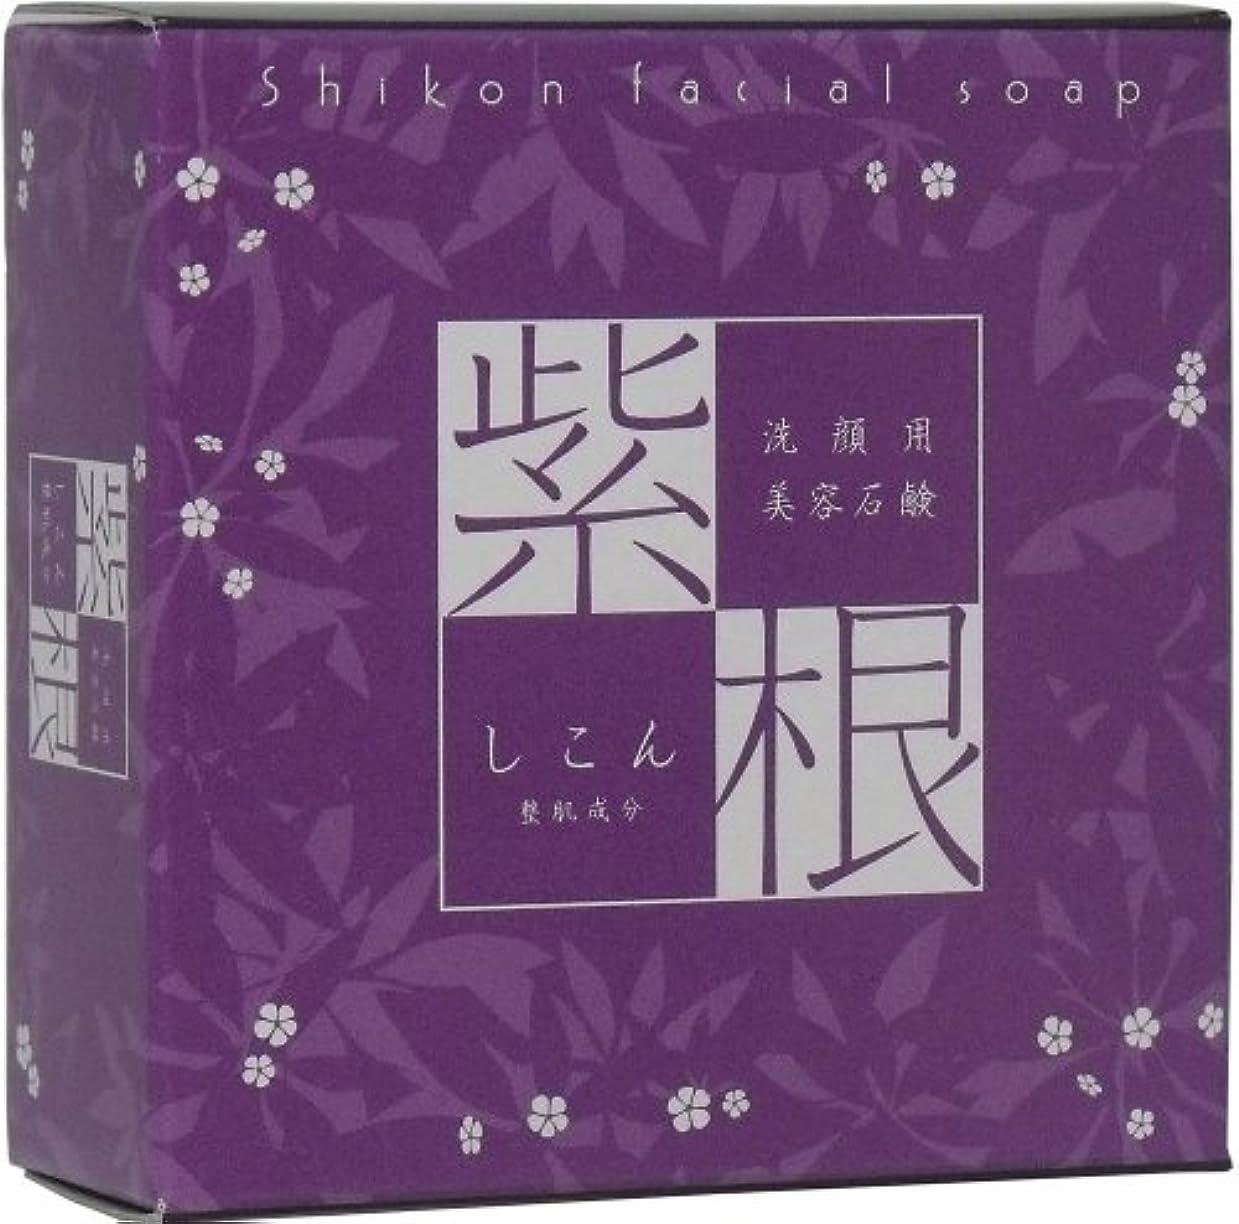 息切れ音楽高揚した洗顔用 紫根石けん (泡立てネット付き) 100g ×5個セット